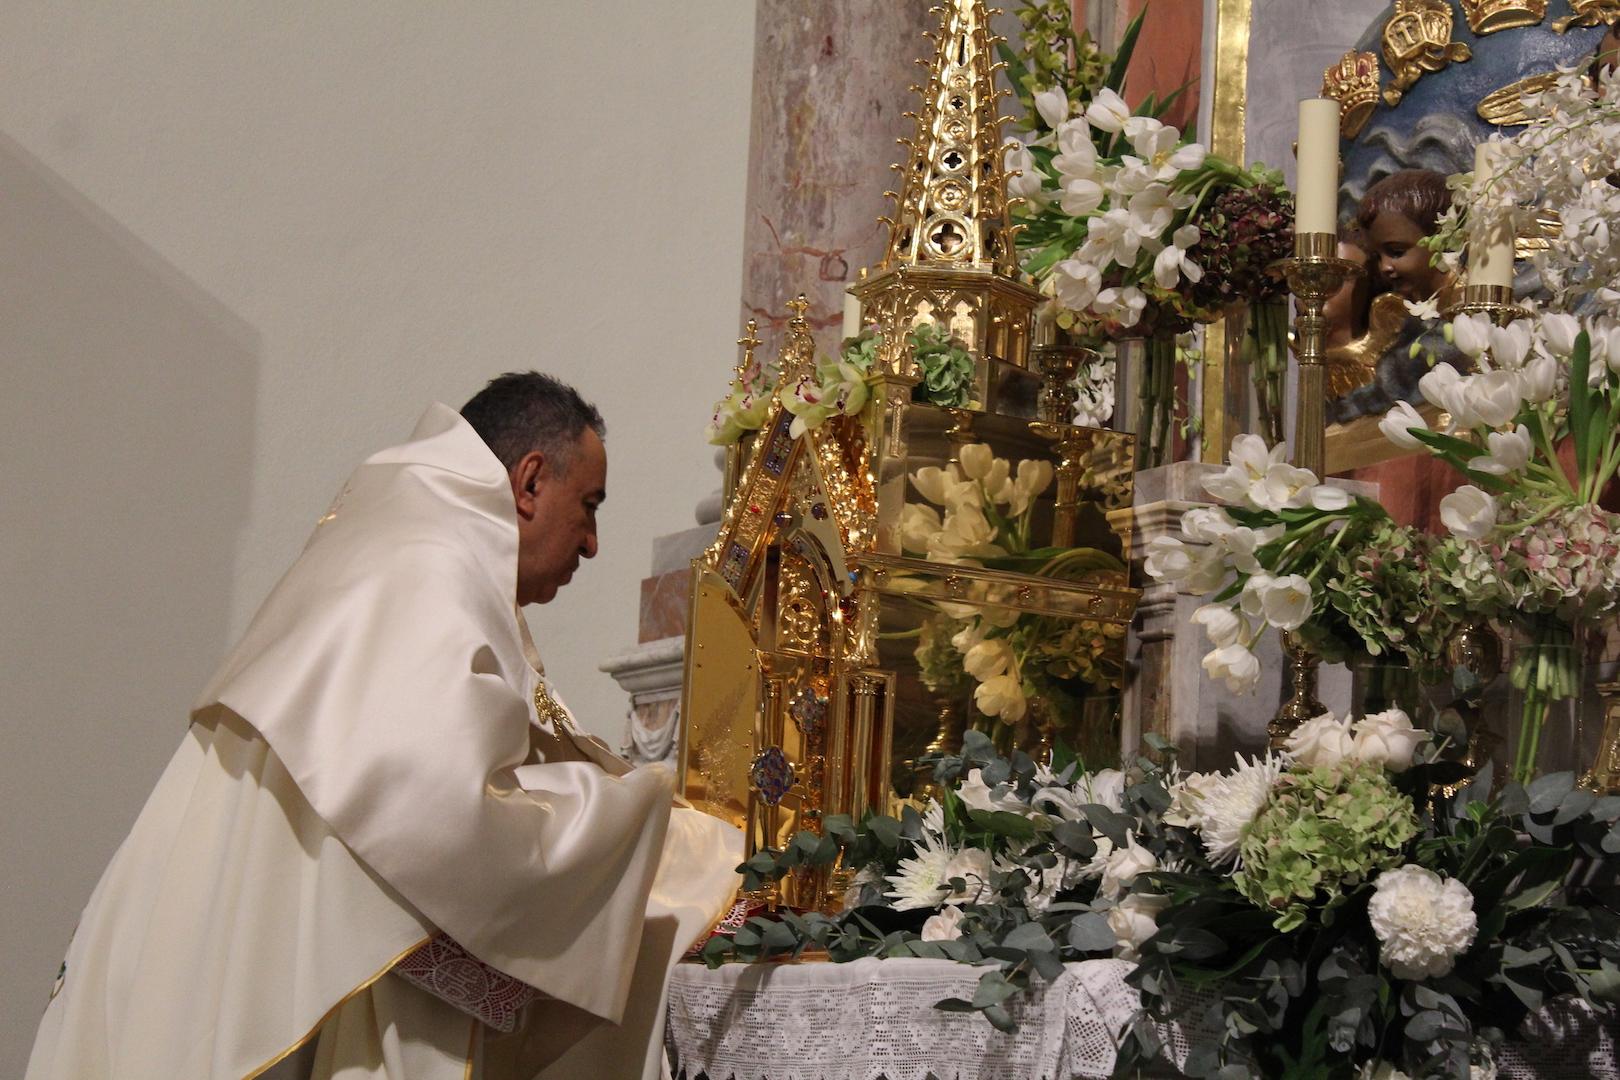 COMUNICADO DE LA OFICINA DE COMUNICACIÓN Y PRENSA - Celebración de Semana Santa del Arzobispo de Panamá